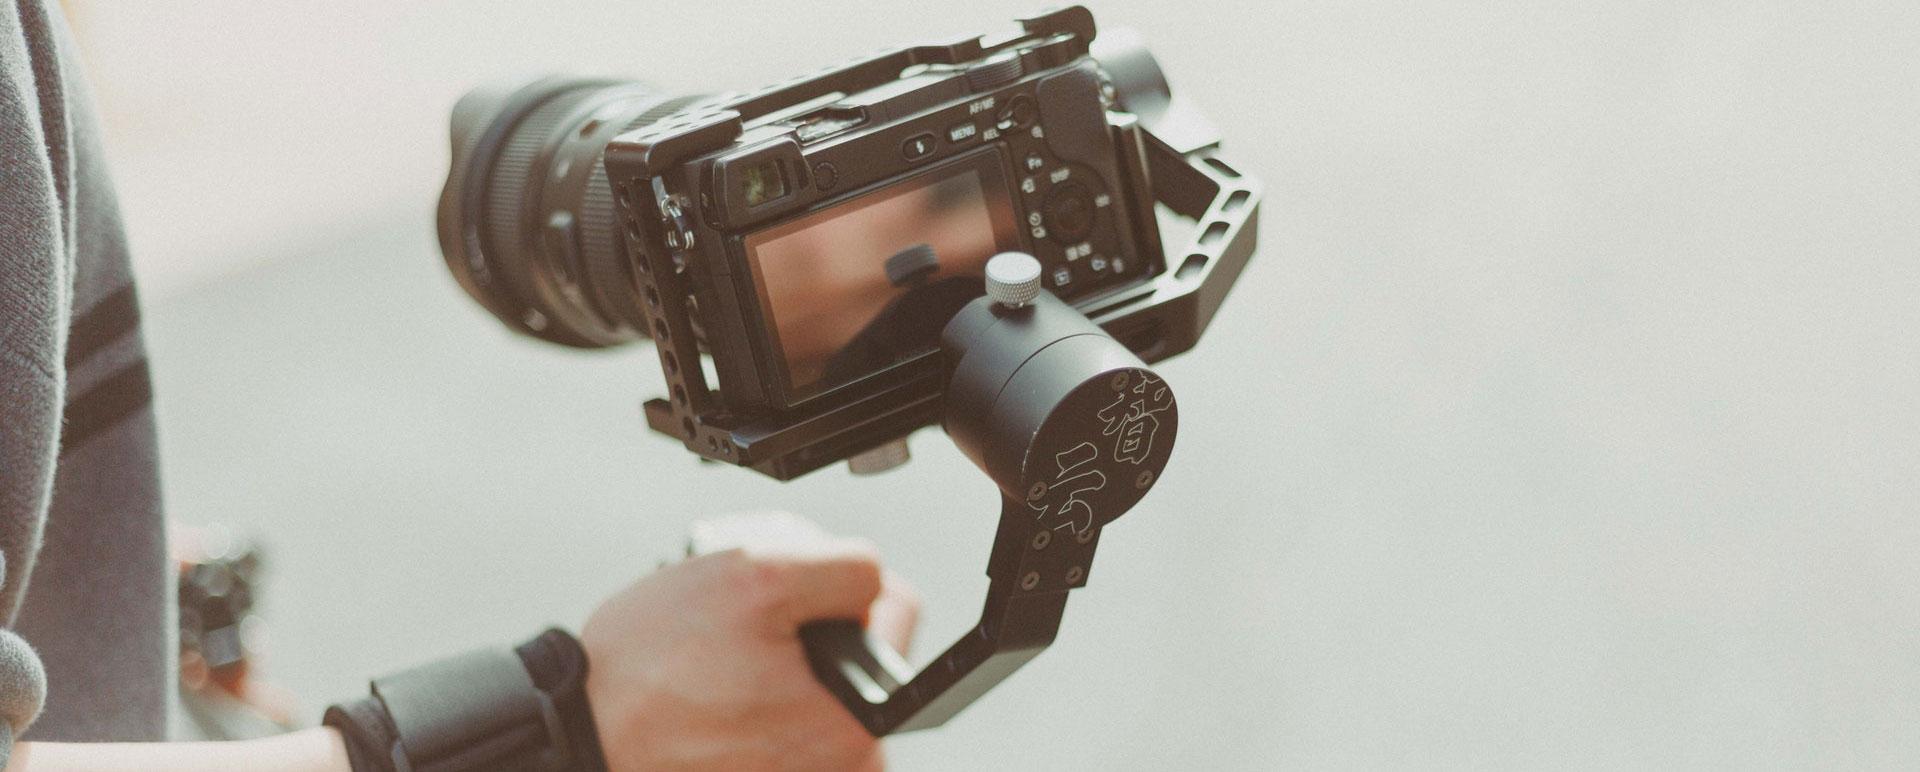 derfor-bør-bedrifter-bruke-mer-video-i-markedsføring